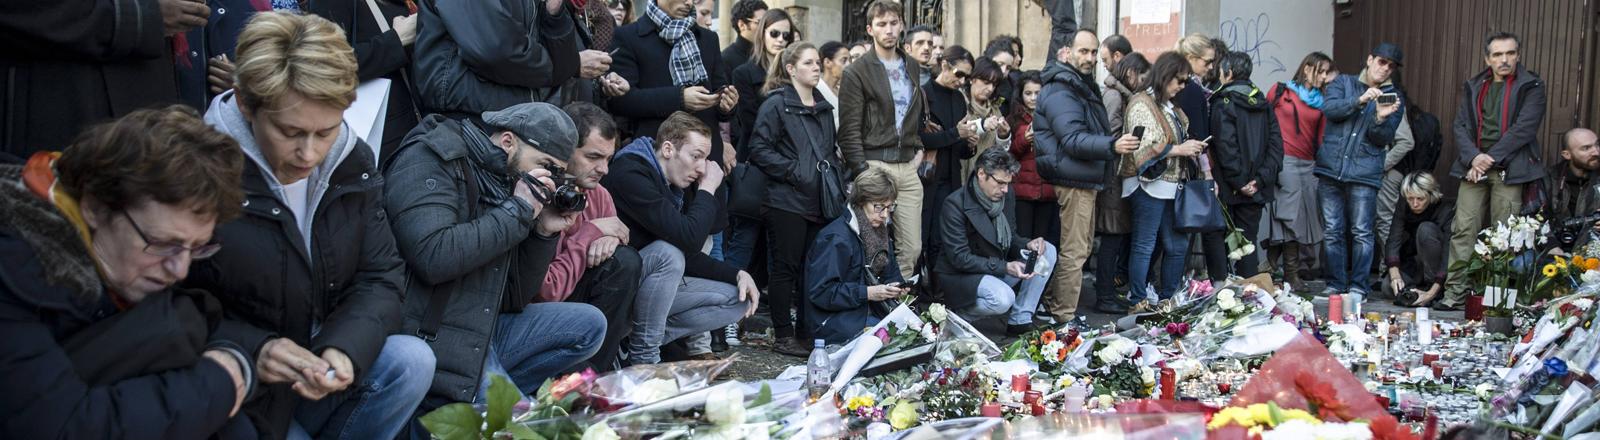 Trauer in Paris nach den Anschlägen